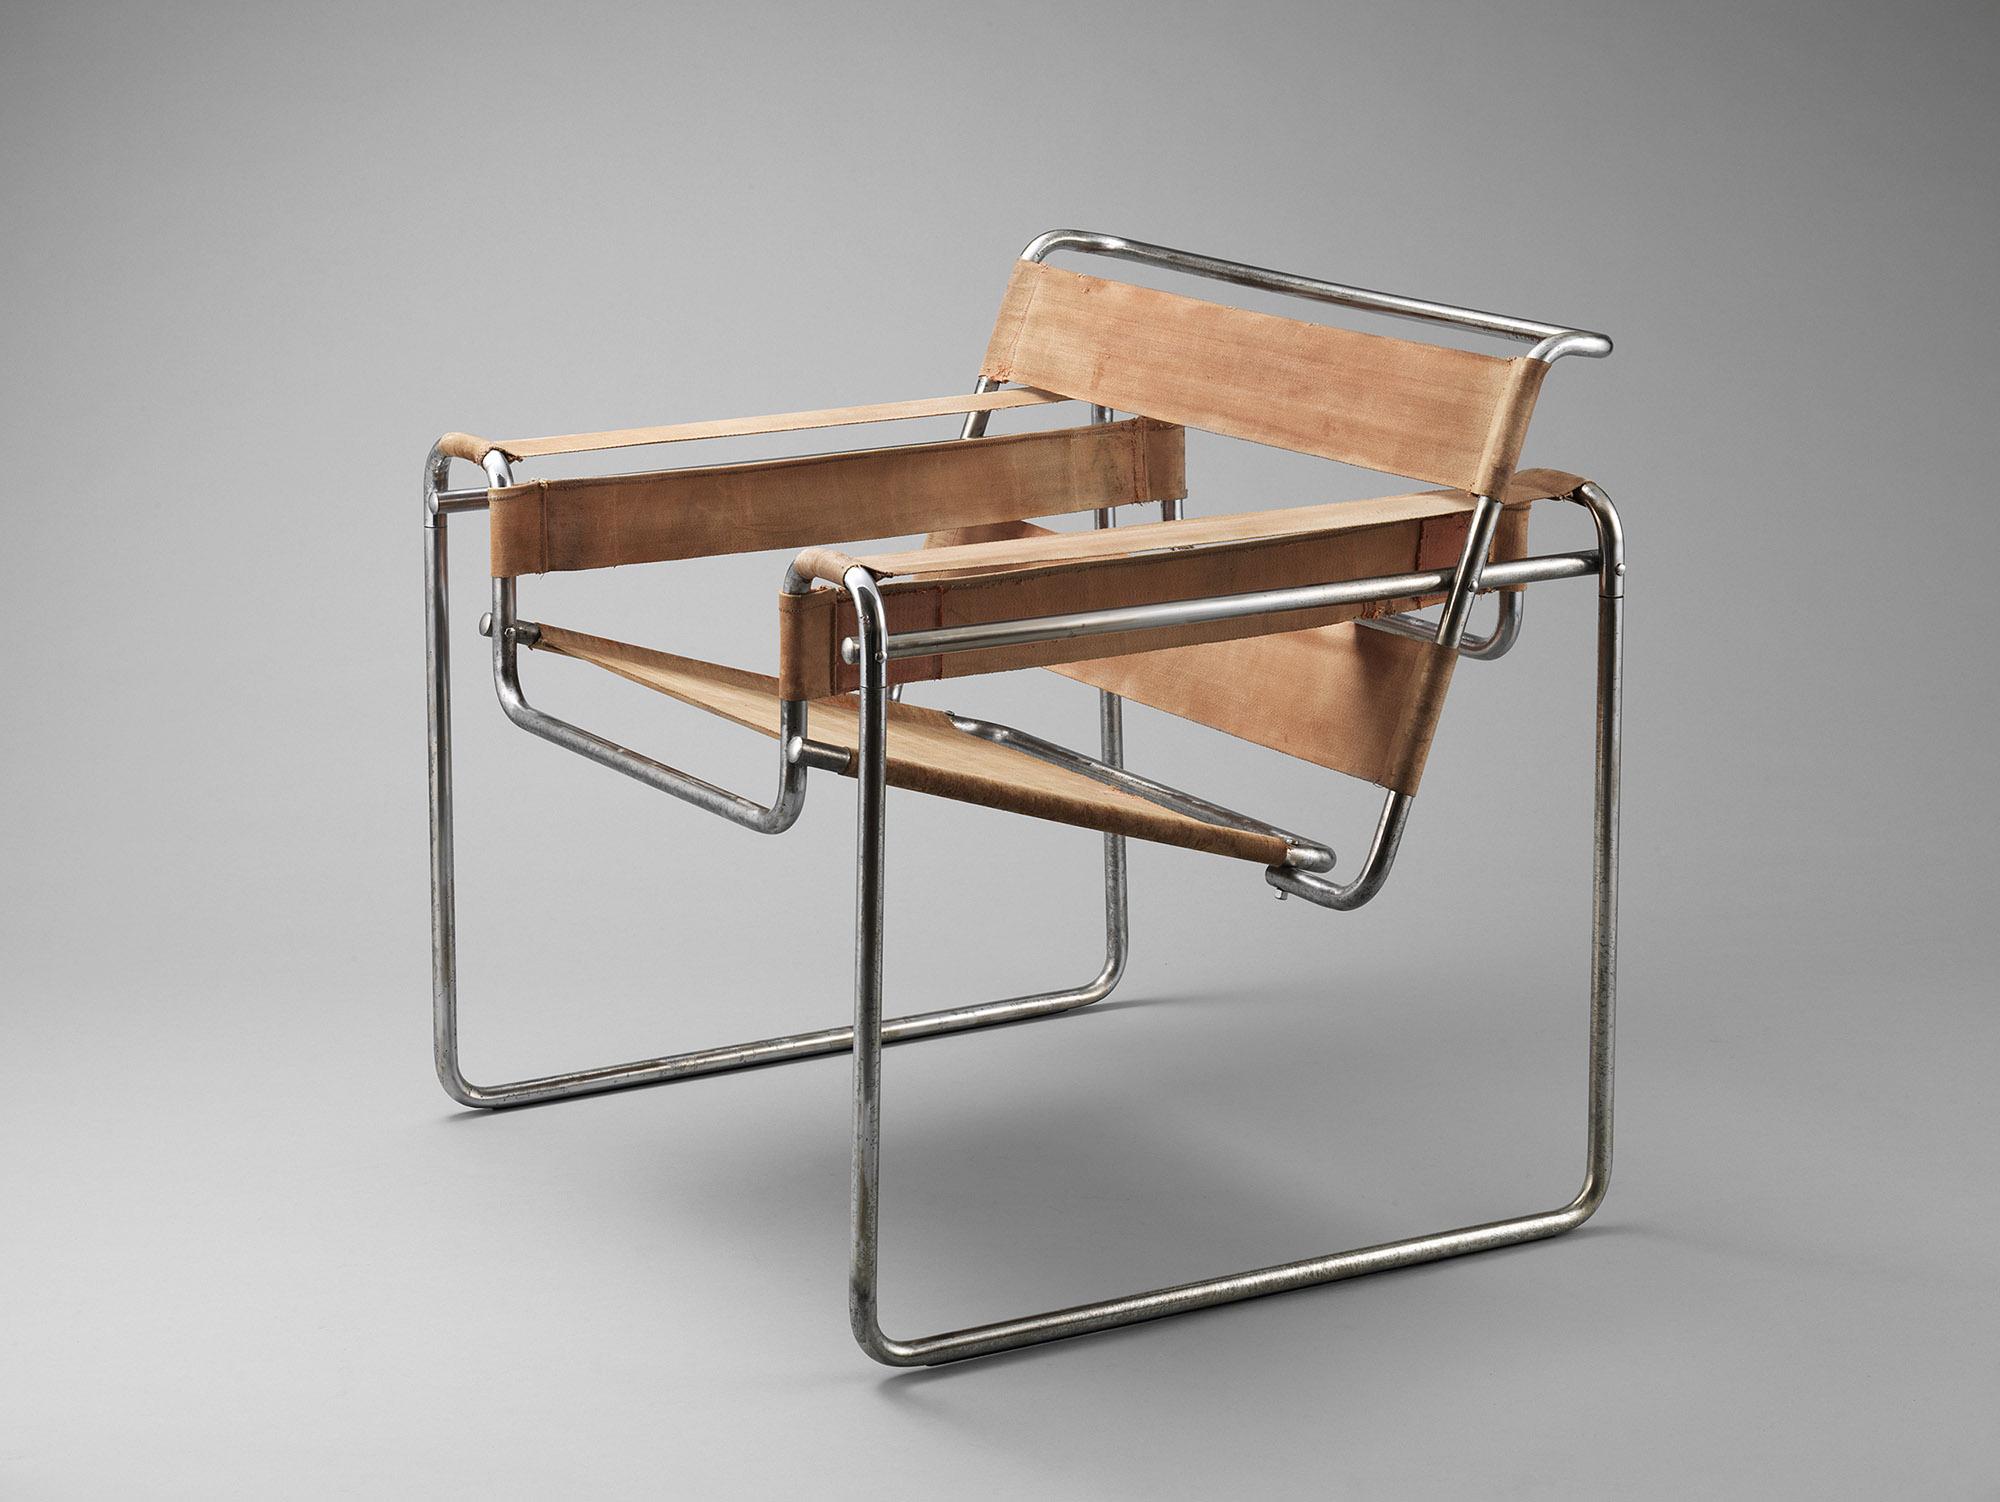 国内外から約40点のブロイヤー家具が集結! 『マルセル・ブロイヤーの家具』展(竹橋・5/7まで)